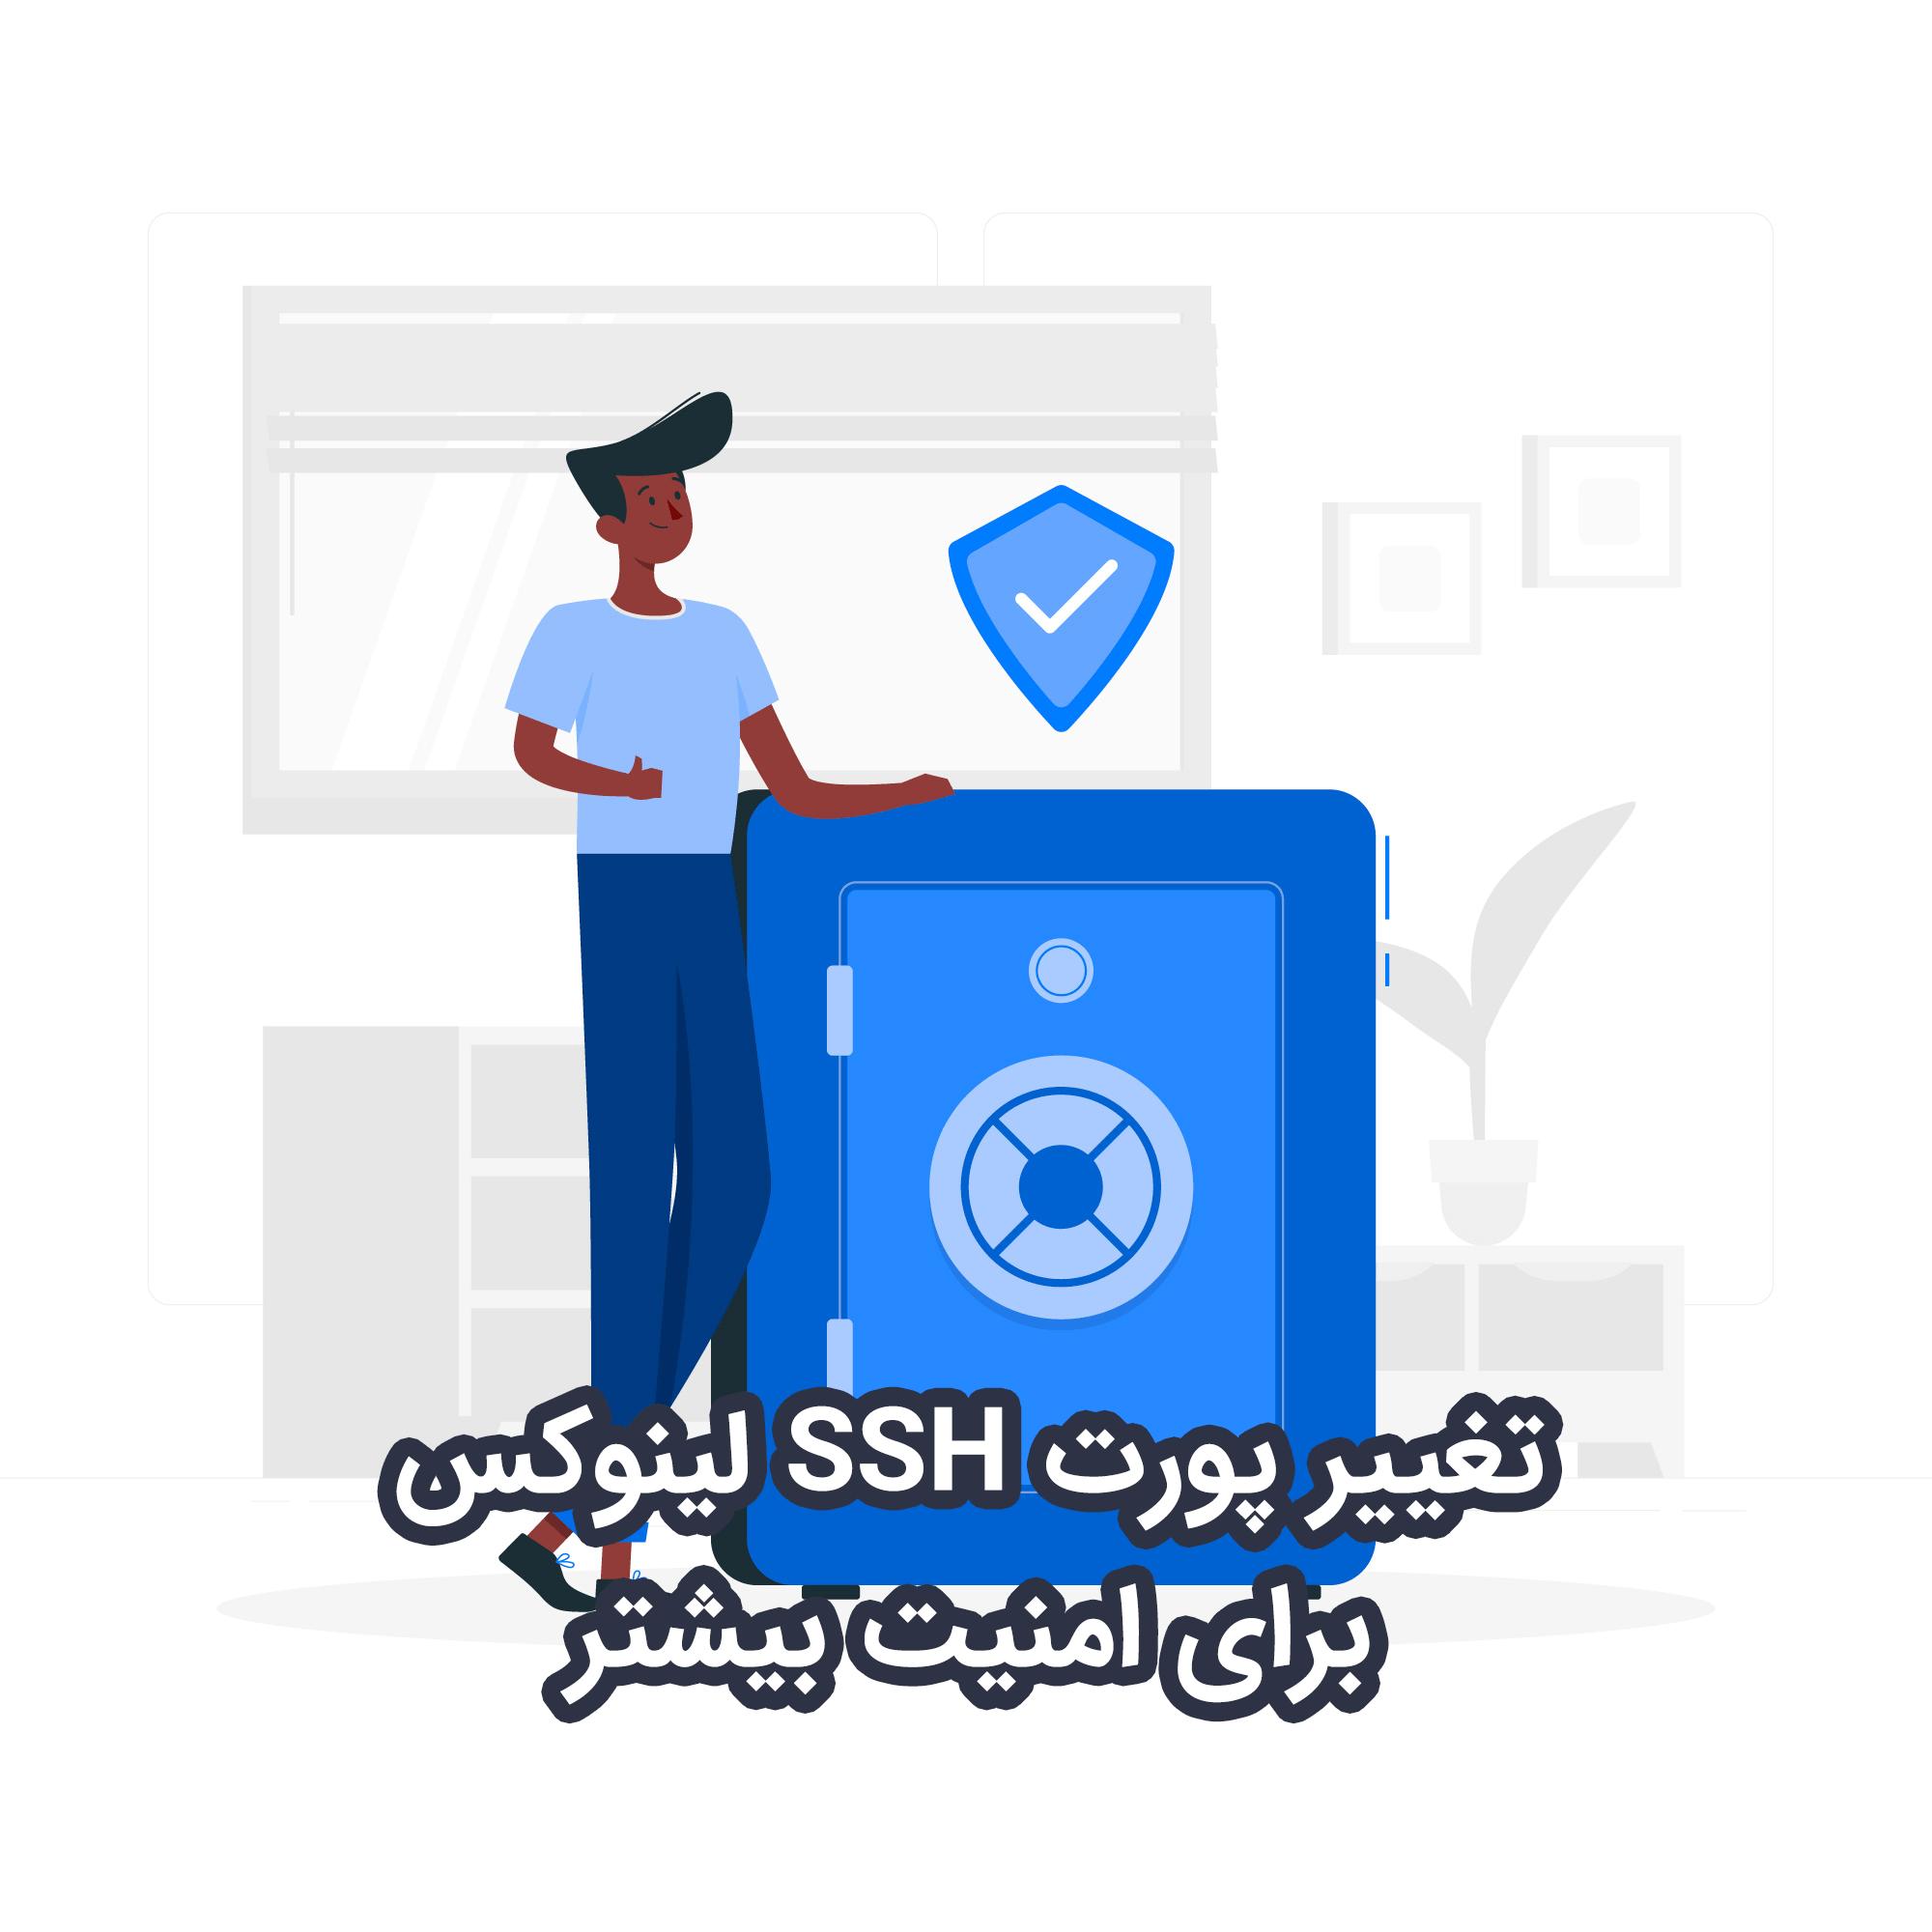 تغییر پورت SSH لینوکس برای امنیت بیشتر